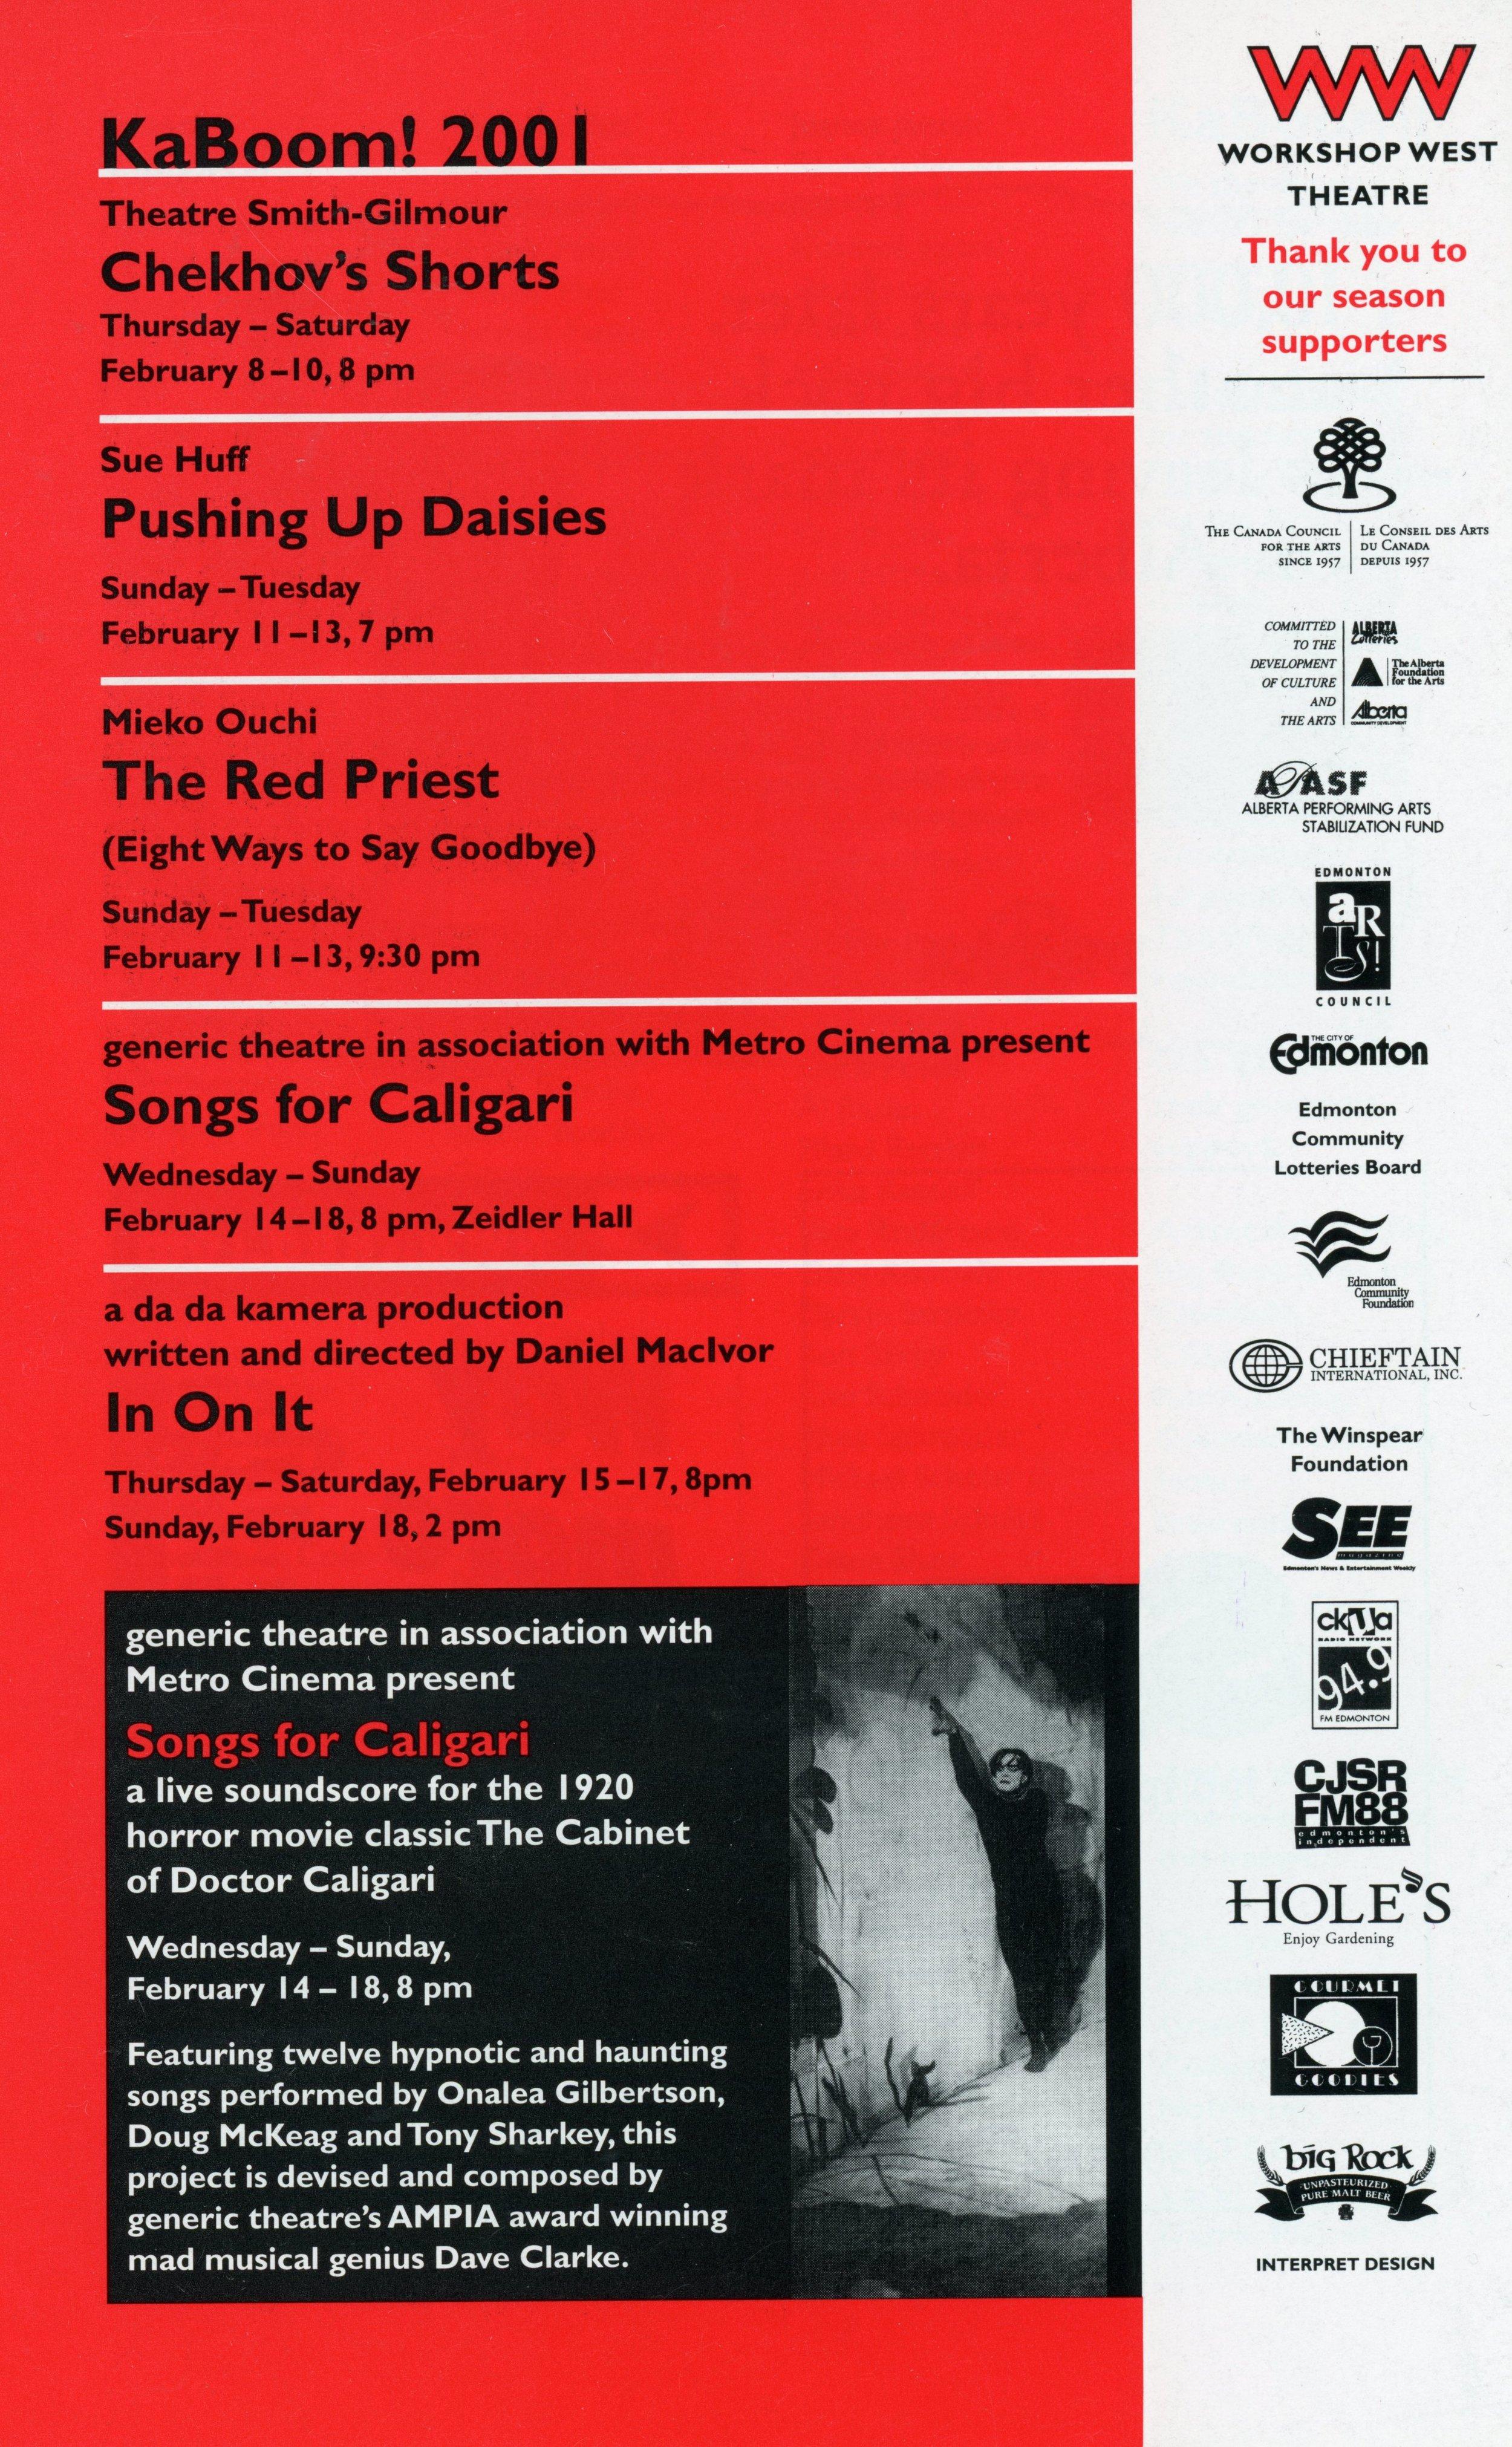 KABOOM! (2001) - Festival Announcement.jpg